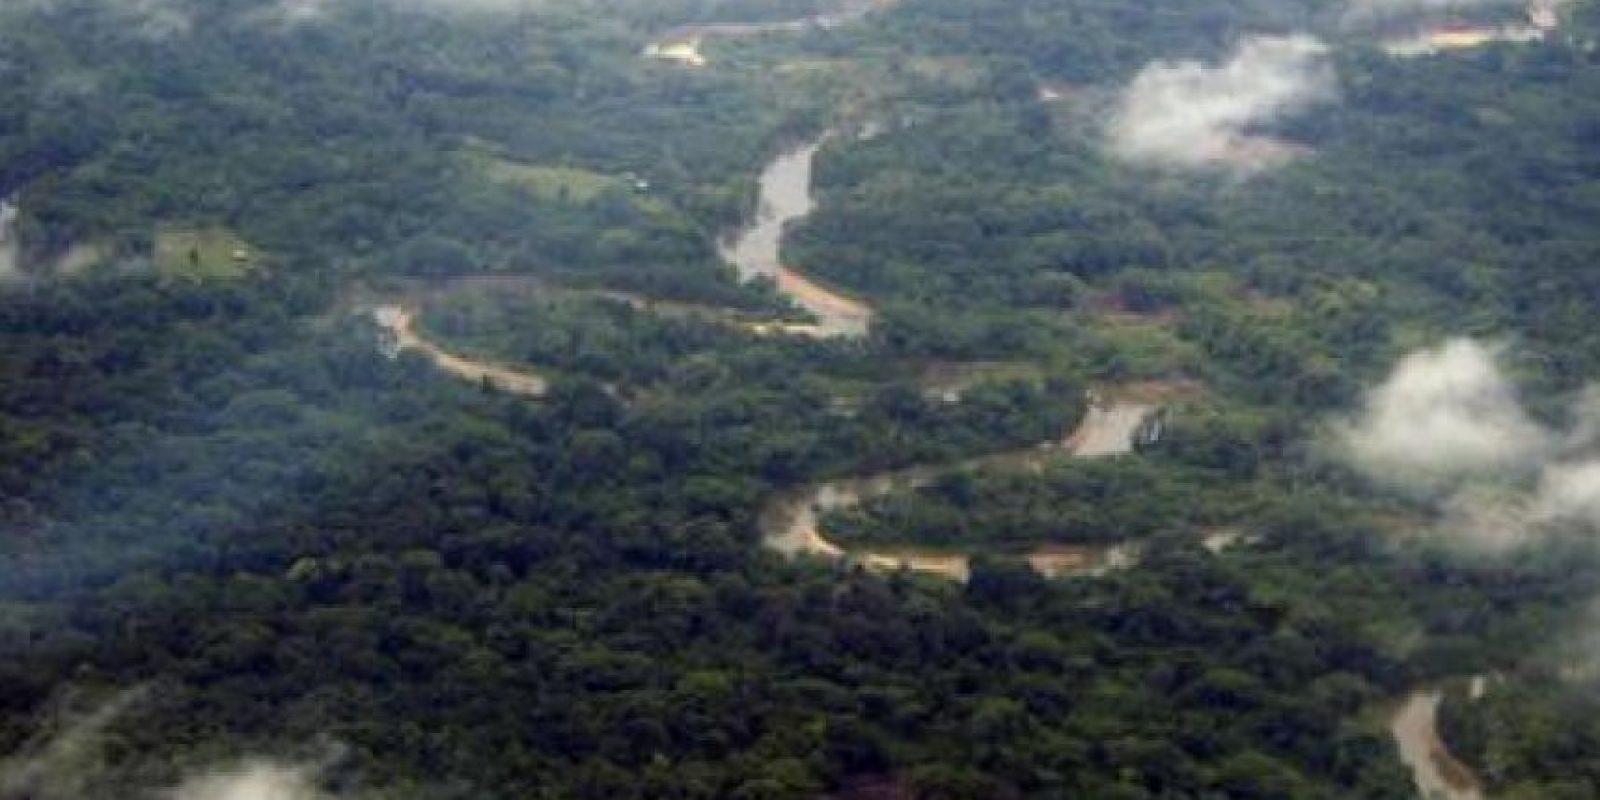 Y aunque se sabe que está en Costa de los Mosquitos, no se difundió su ubicación exacta para evitar saqueadores. Foto:Twitter.com/tourismH